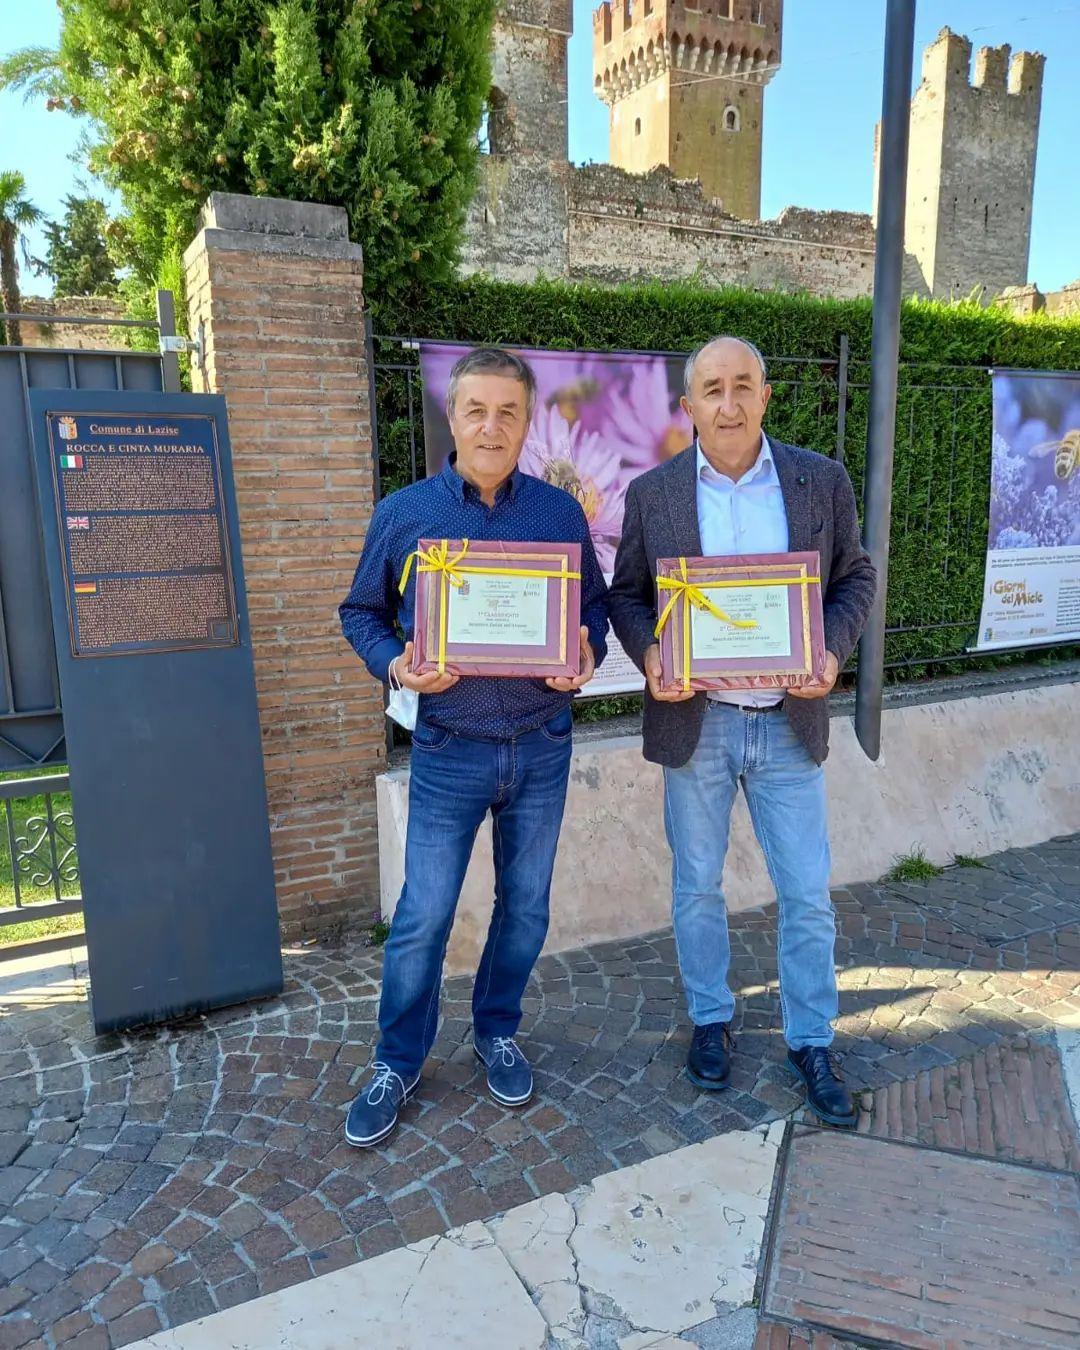 Concorsi nazionali 2021: grandi premi e riconoscimenti per l' Apicoltura Delizie dell'Alveare